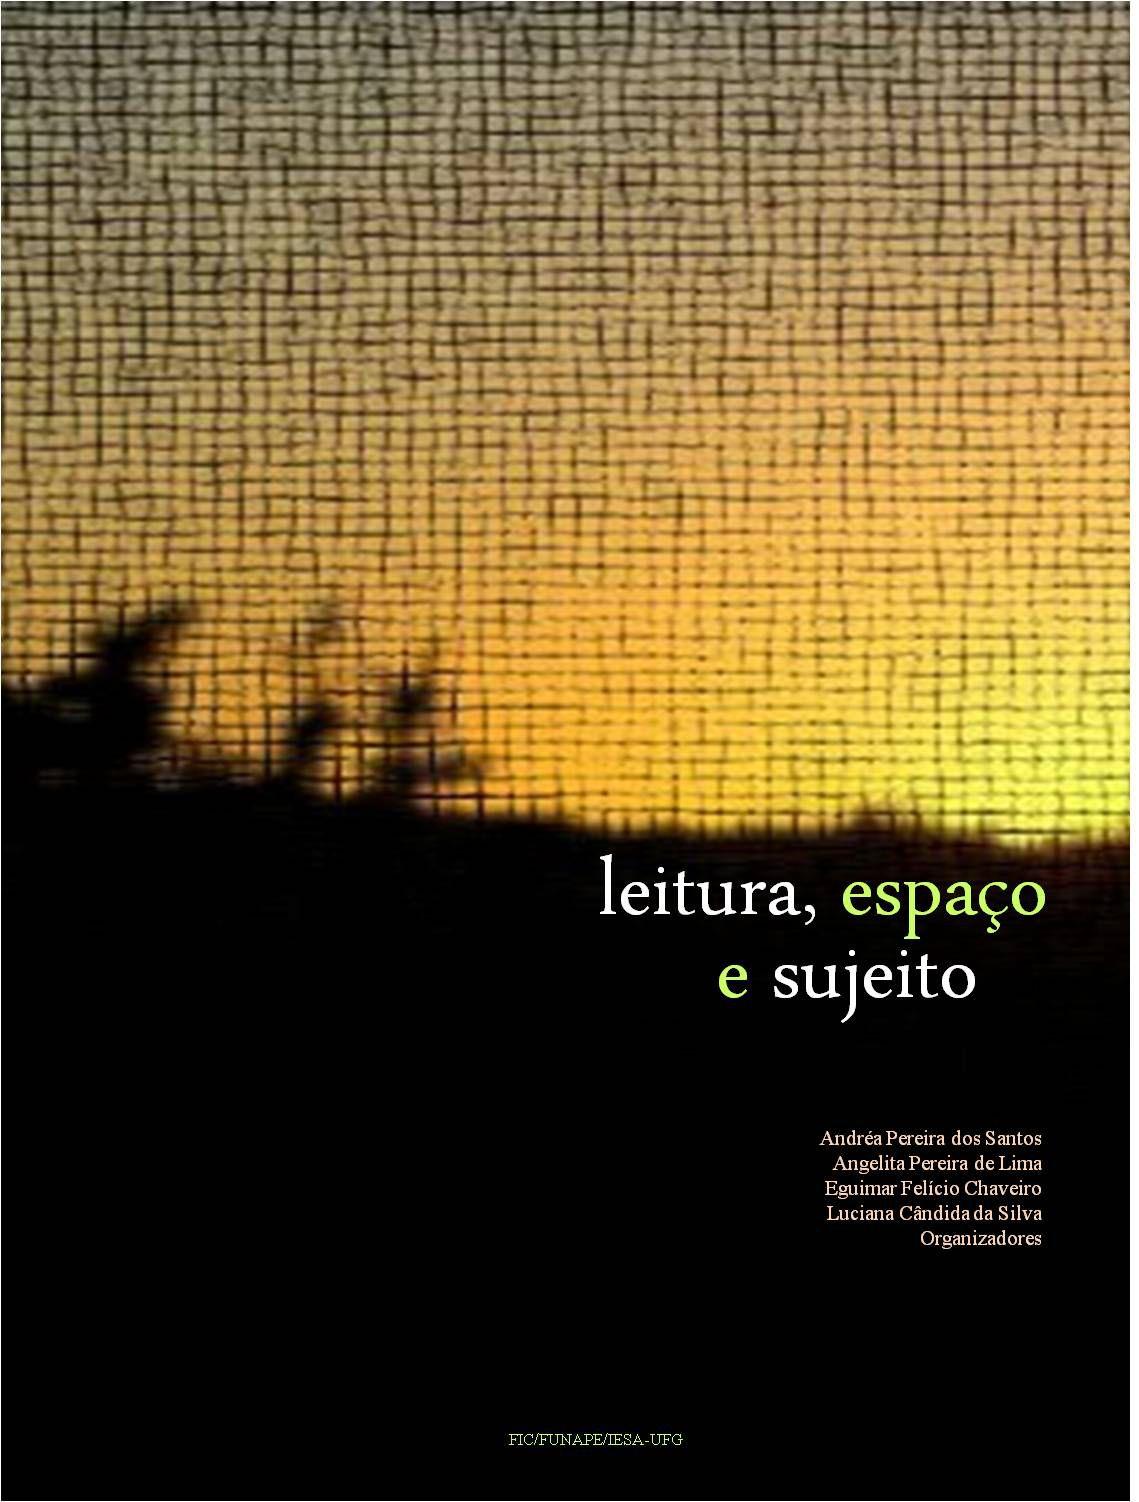 Capa Ebook Leitura, espaço e sujeito